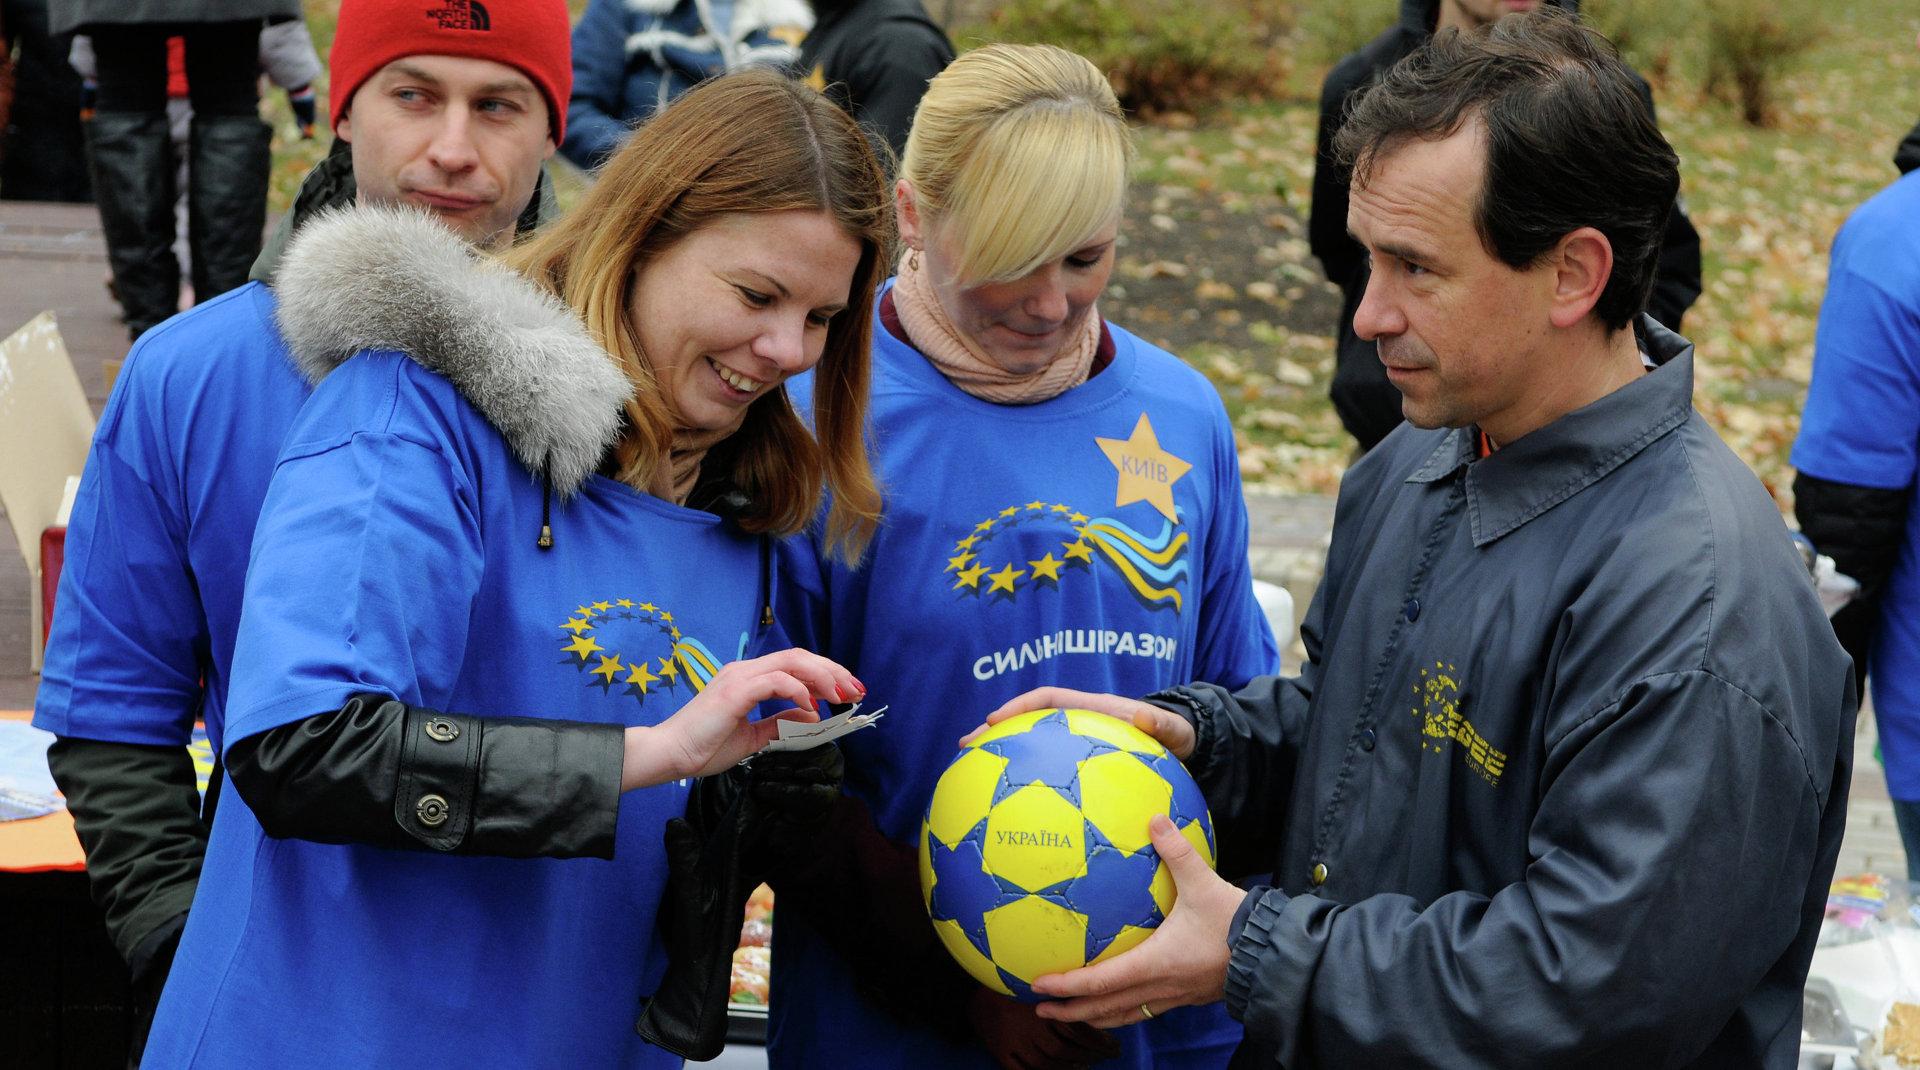 http://ukraina.ru/images/101158/03/1011580396.jpg